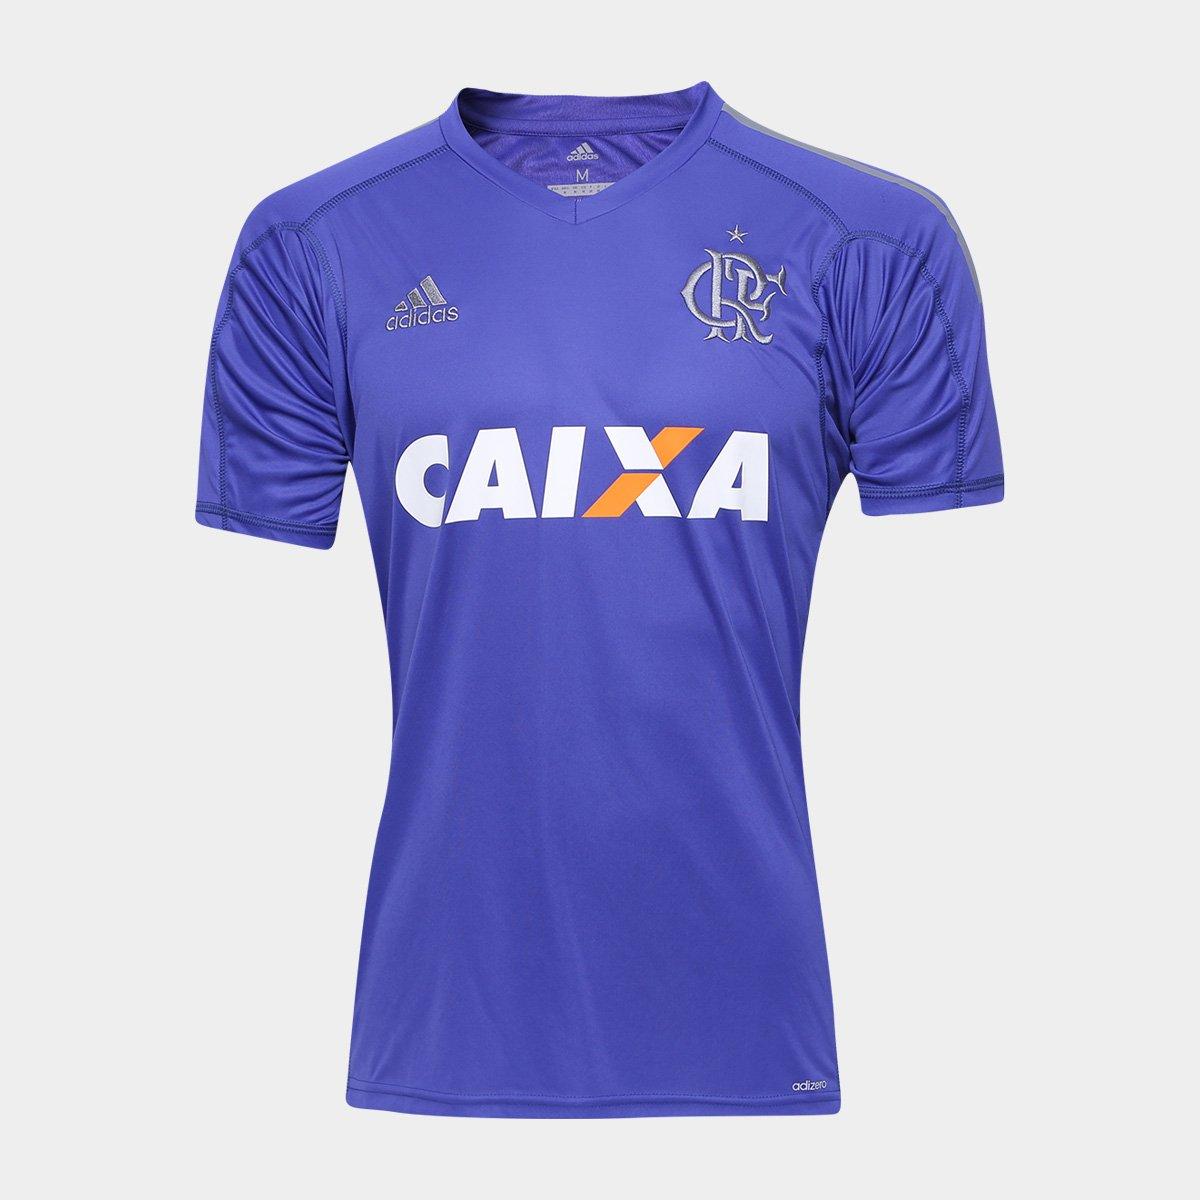 Camisa Flamengo Goleiro I 17 18 s n° - c  Patrocinio Adidas Masculina -  Compre Agora  4e87699eb2ce8